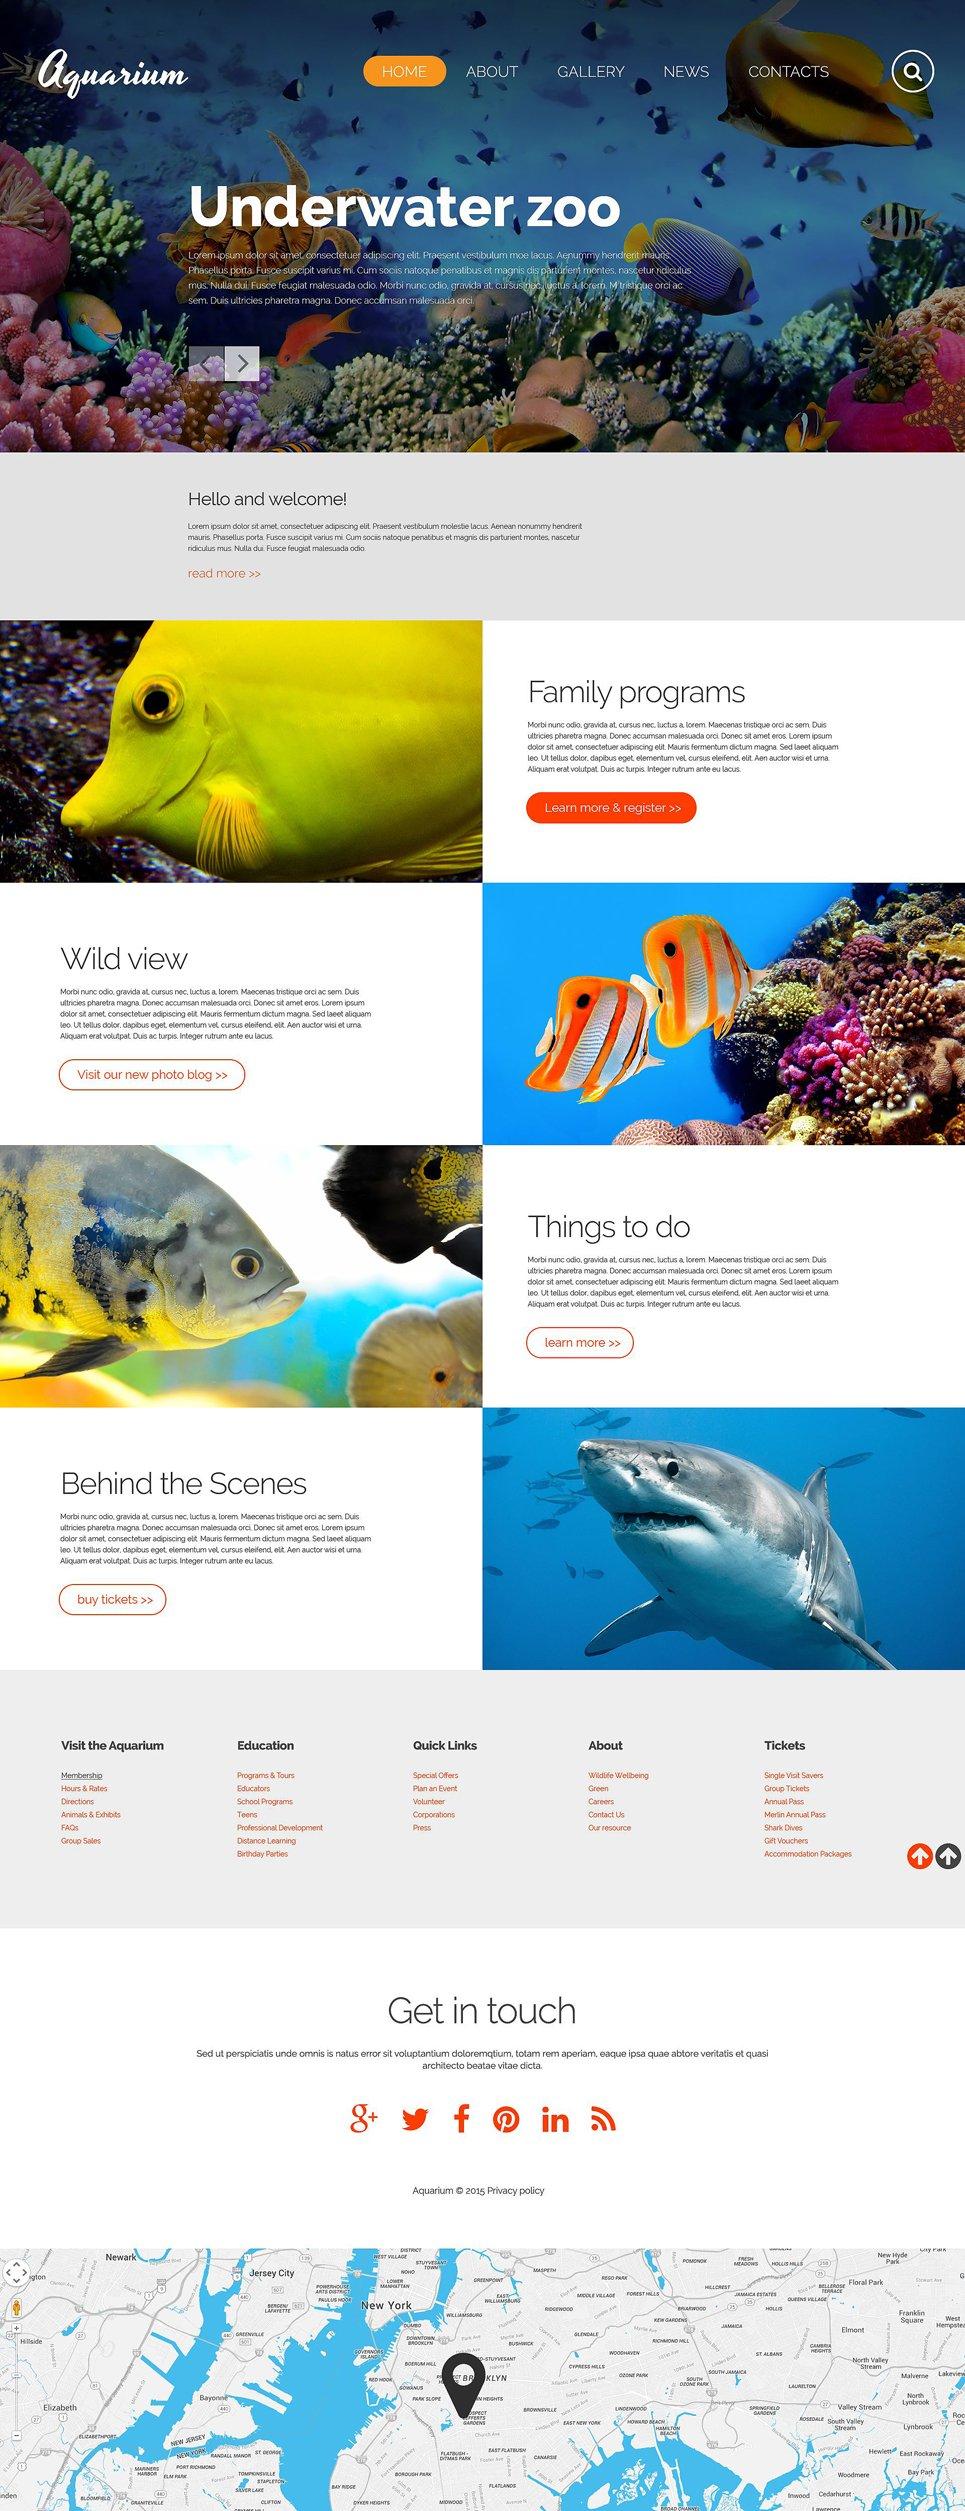 Aquarium template illustration image